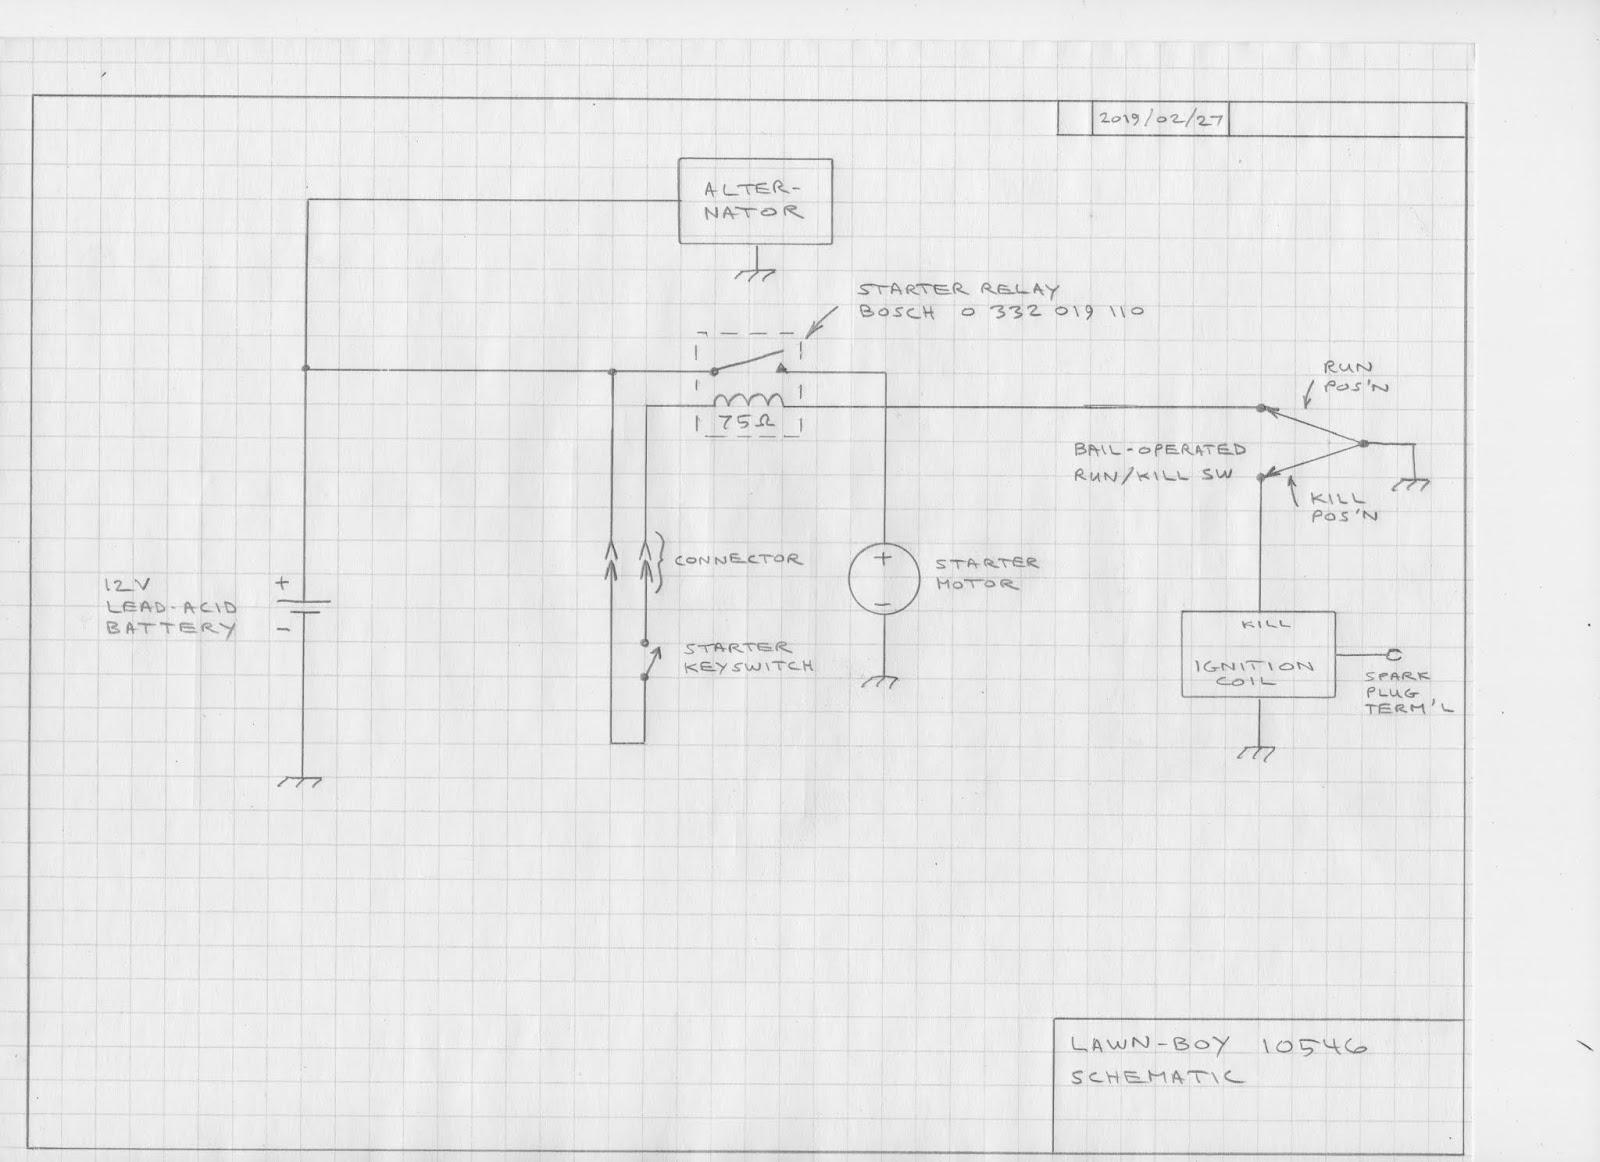 Fk 5382 Lawn Boy Wiring Diagram Schematic Wiring